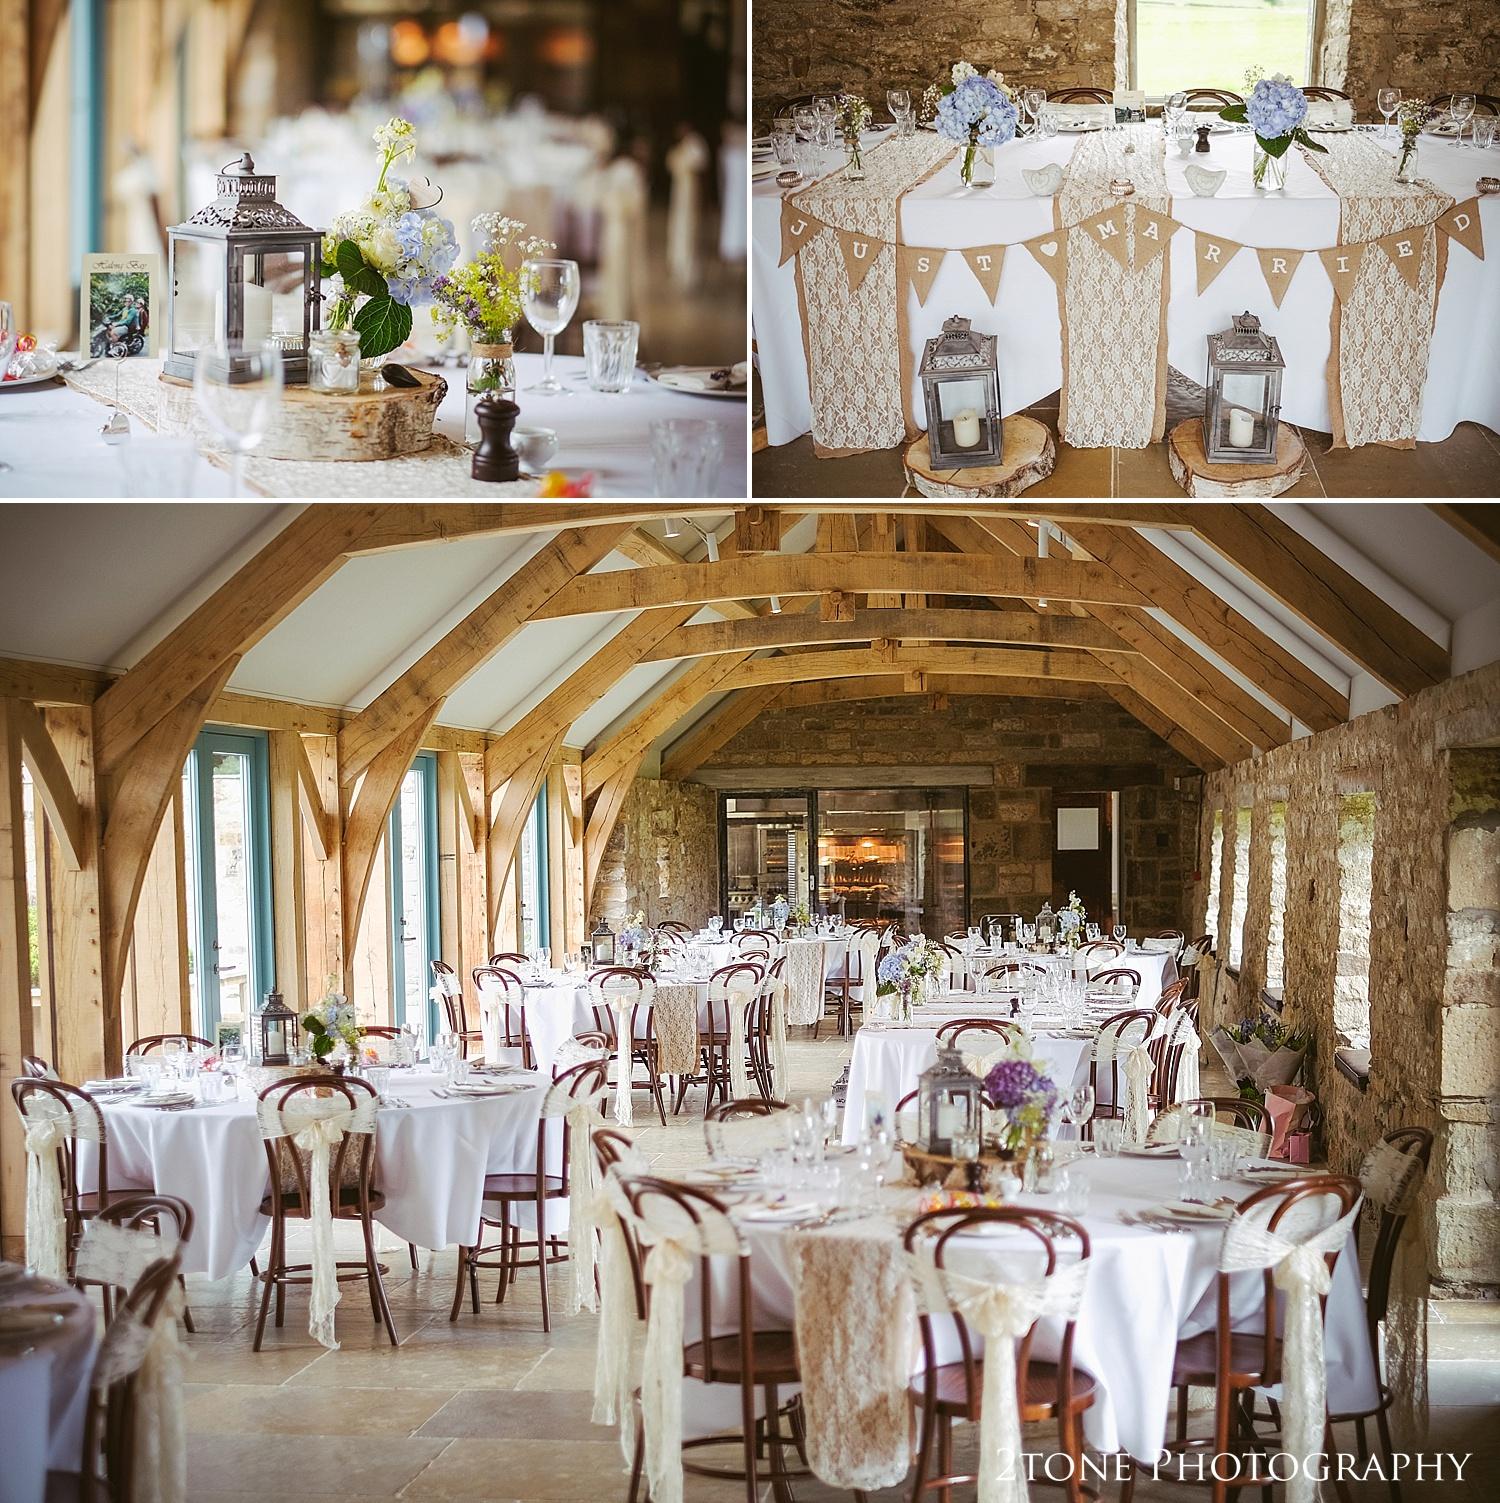 Healey Barn wedding by wedding photography team, 2tone Photography www.2tonephotography.co.uk